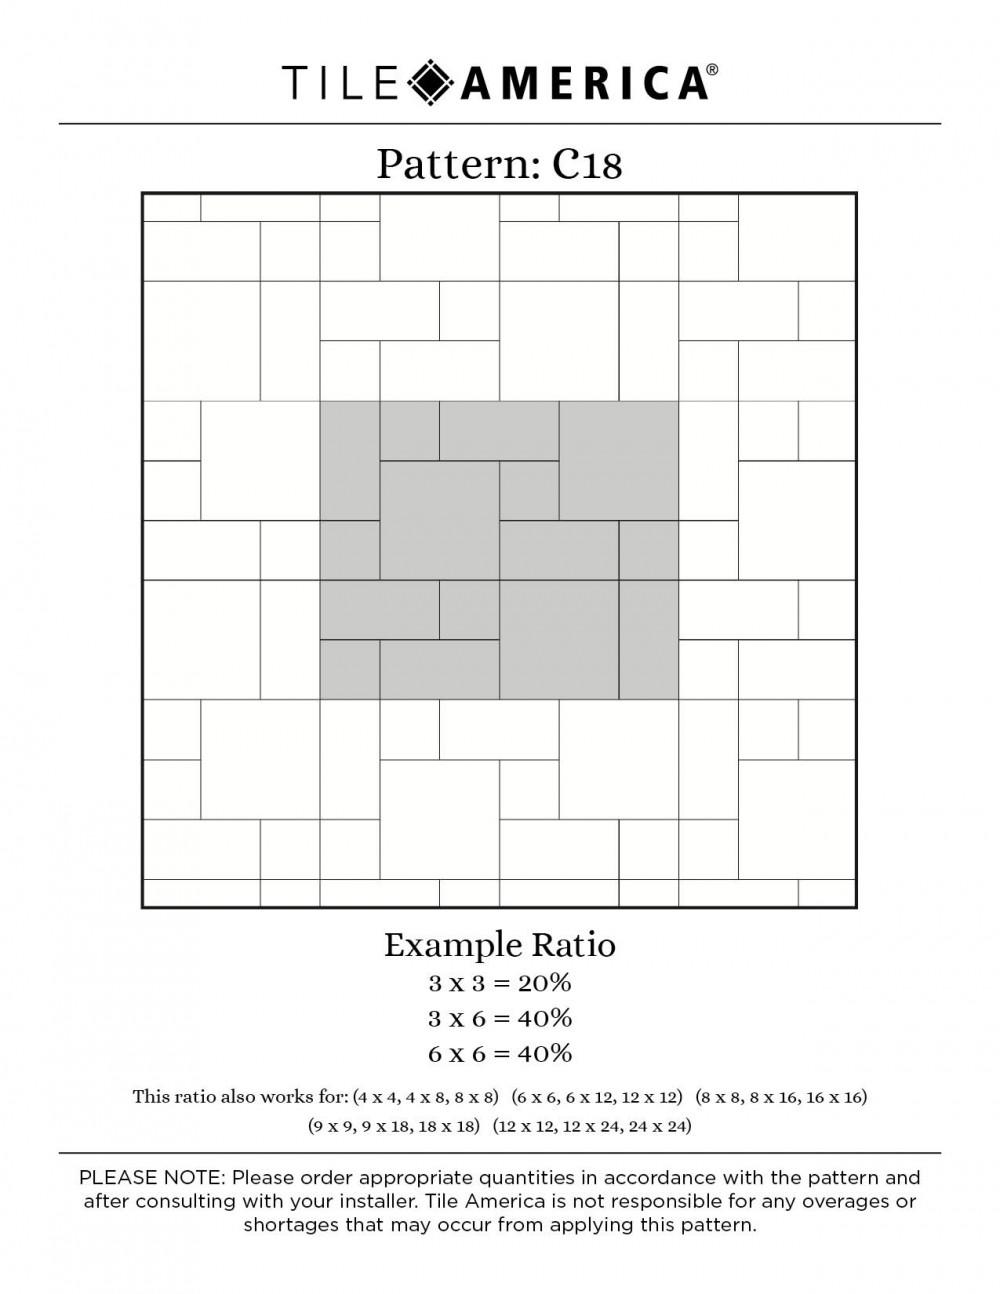 Ceramic Tile Porcelain Tile Glass Tile Stone CT Tile America - 8 x 16 white ceramic tile